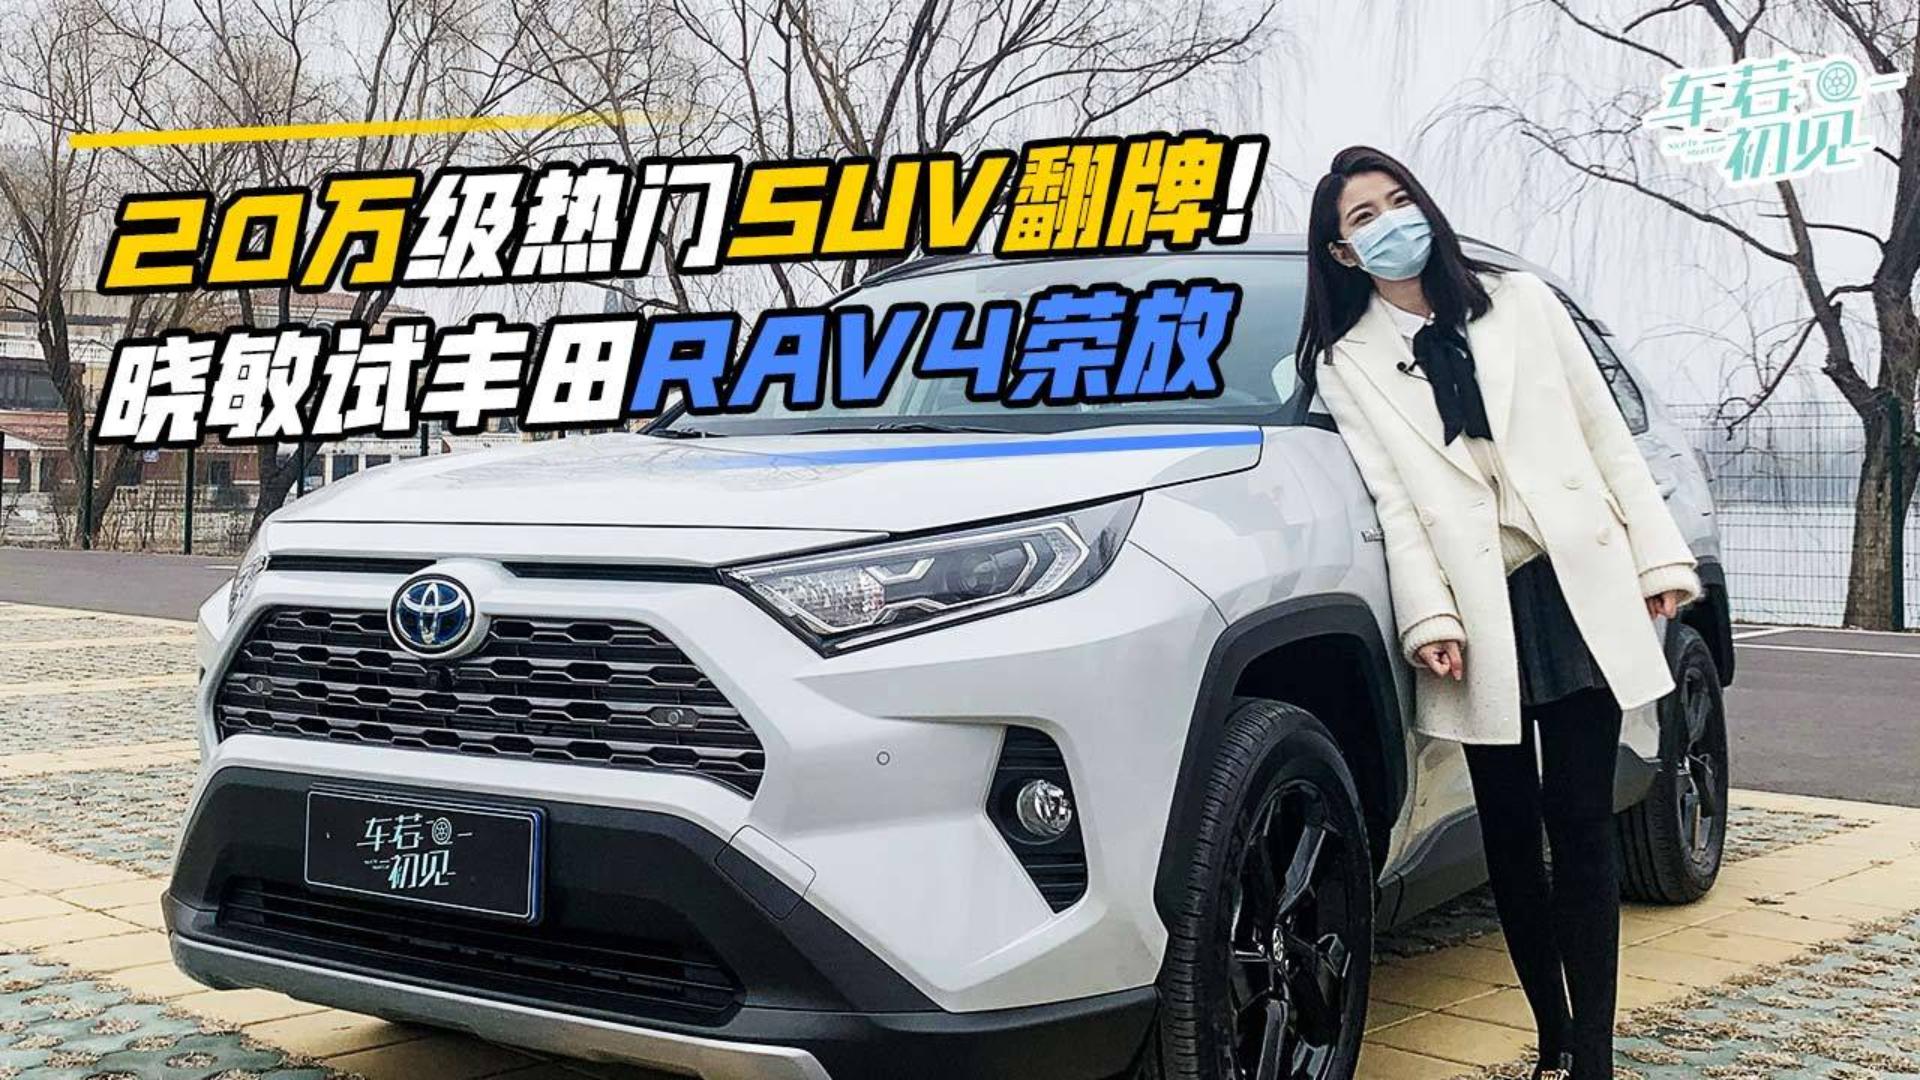 初晓敏:20万级热门SUV翻牌!晓敏试丰田RAV4荣放